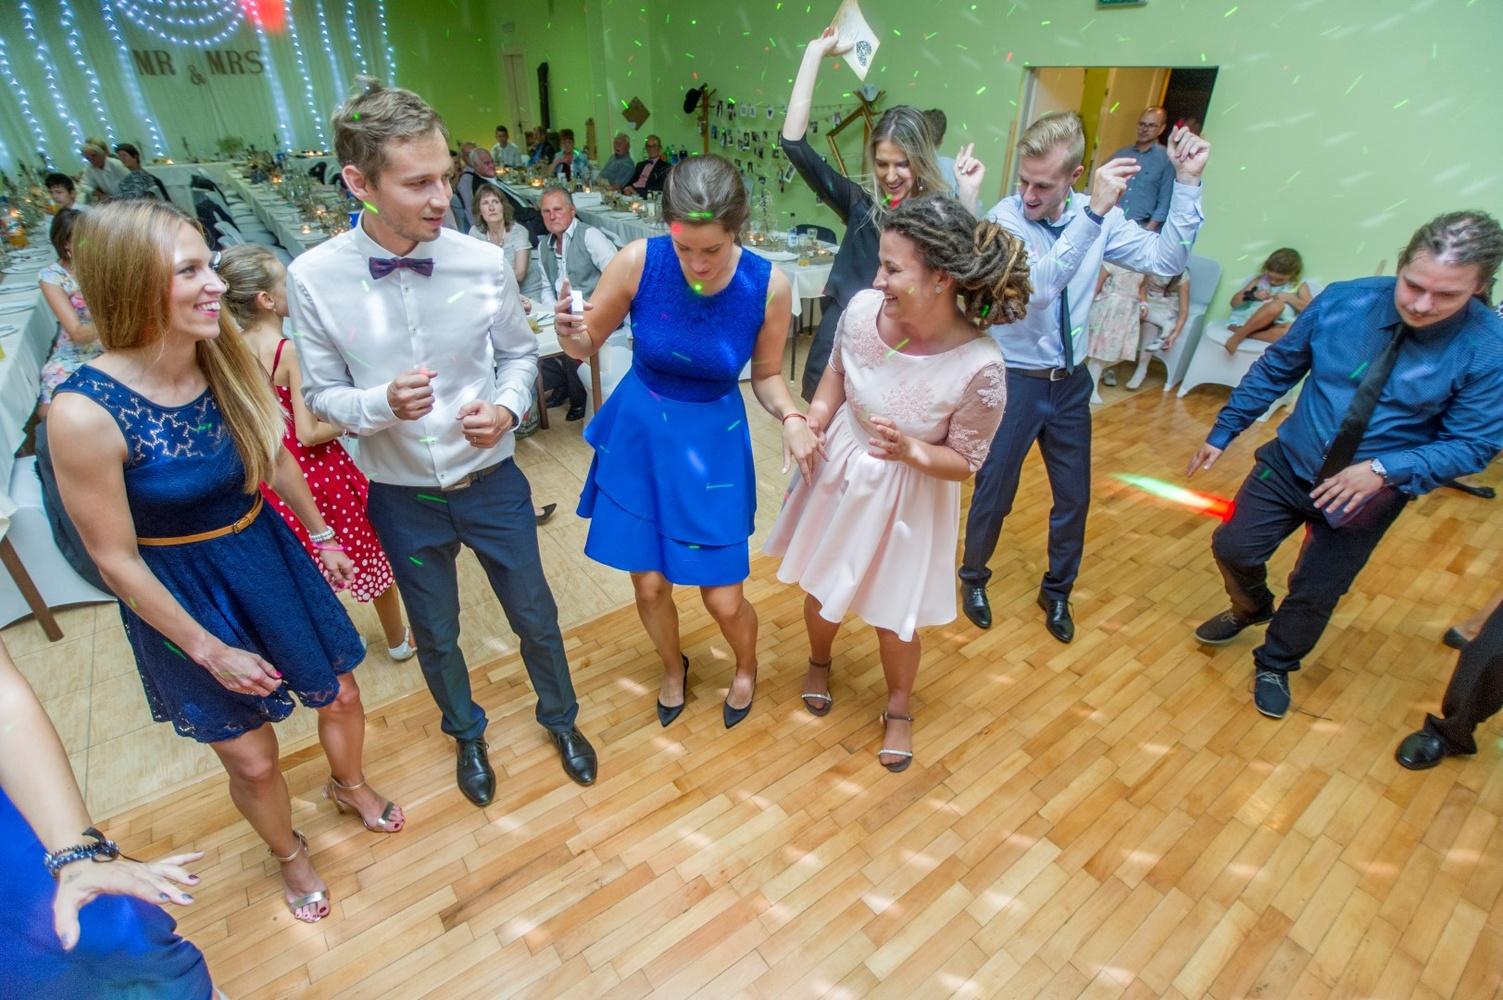 http://www.fotoz.sk/images/gallery-8/normal/eskuvoi-fotos_svadobny-fotograf_582.jpg